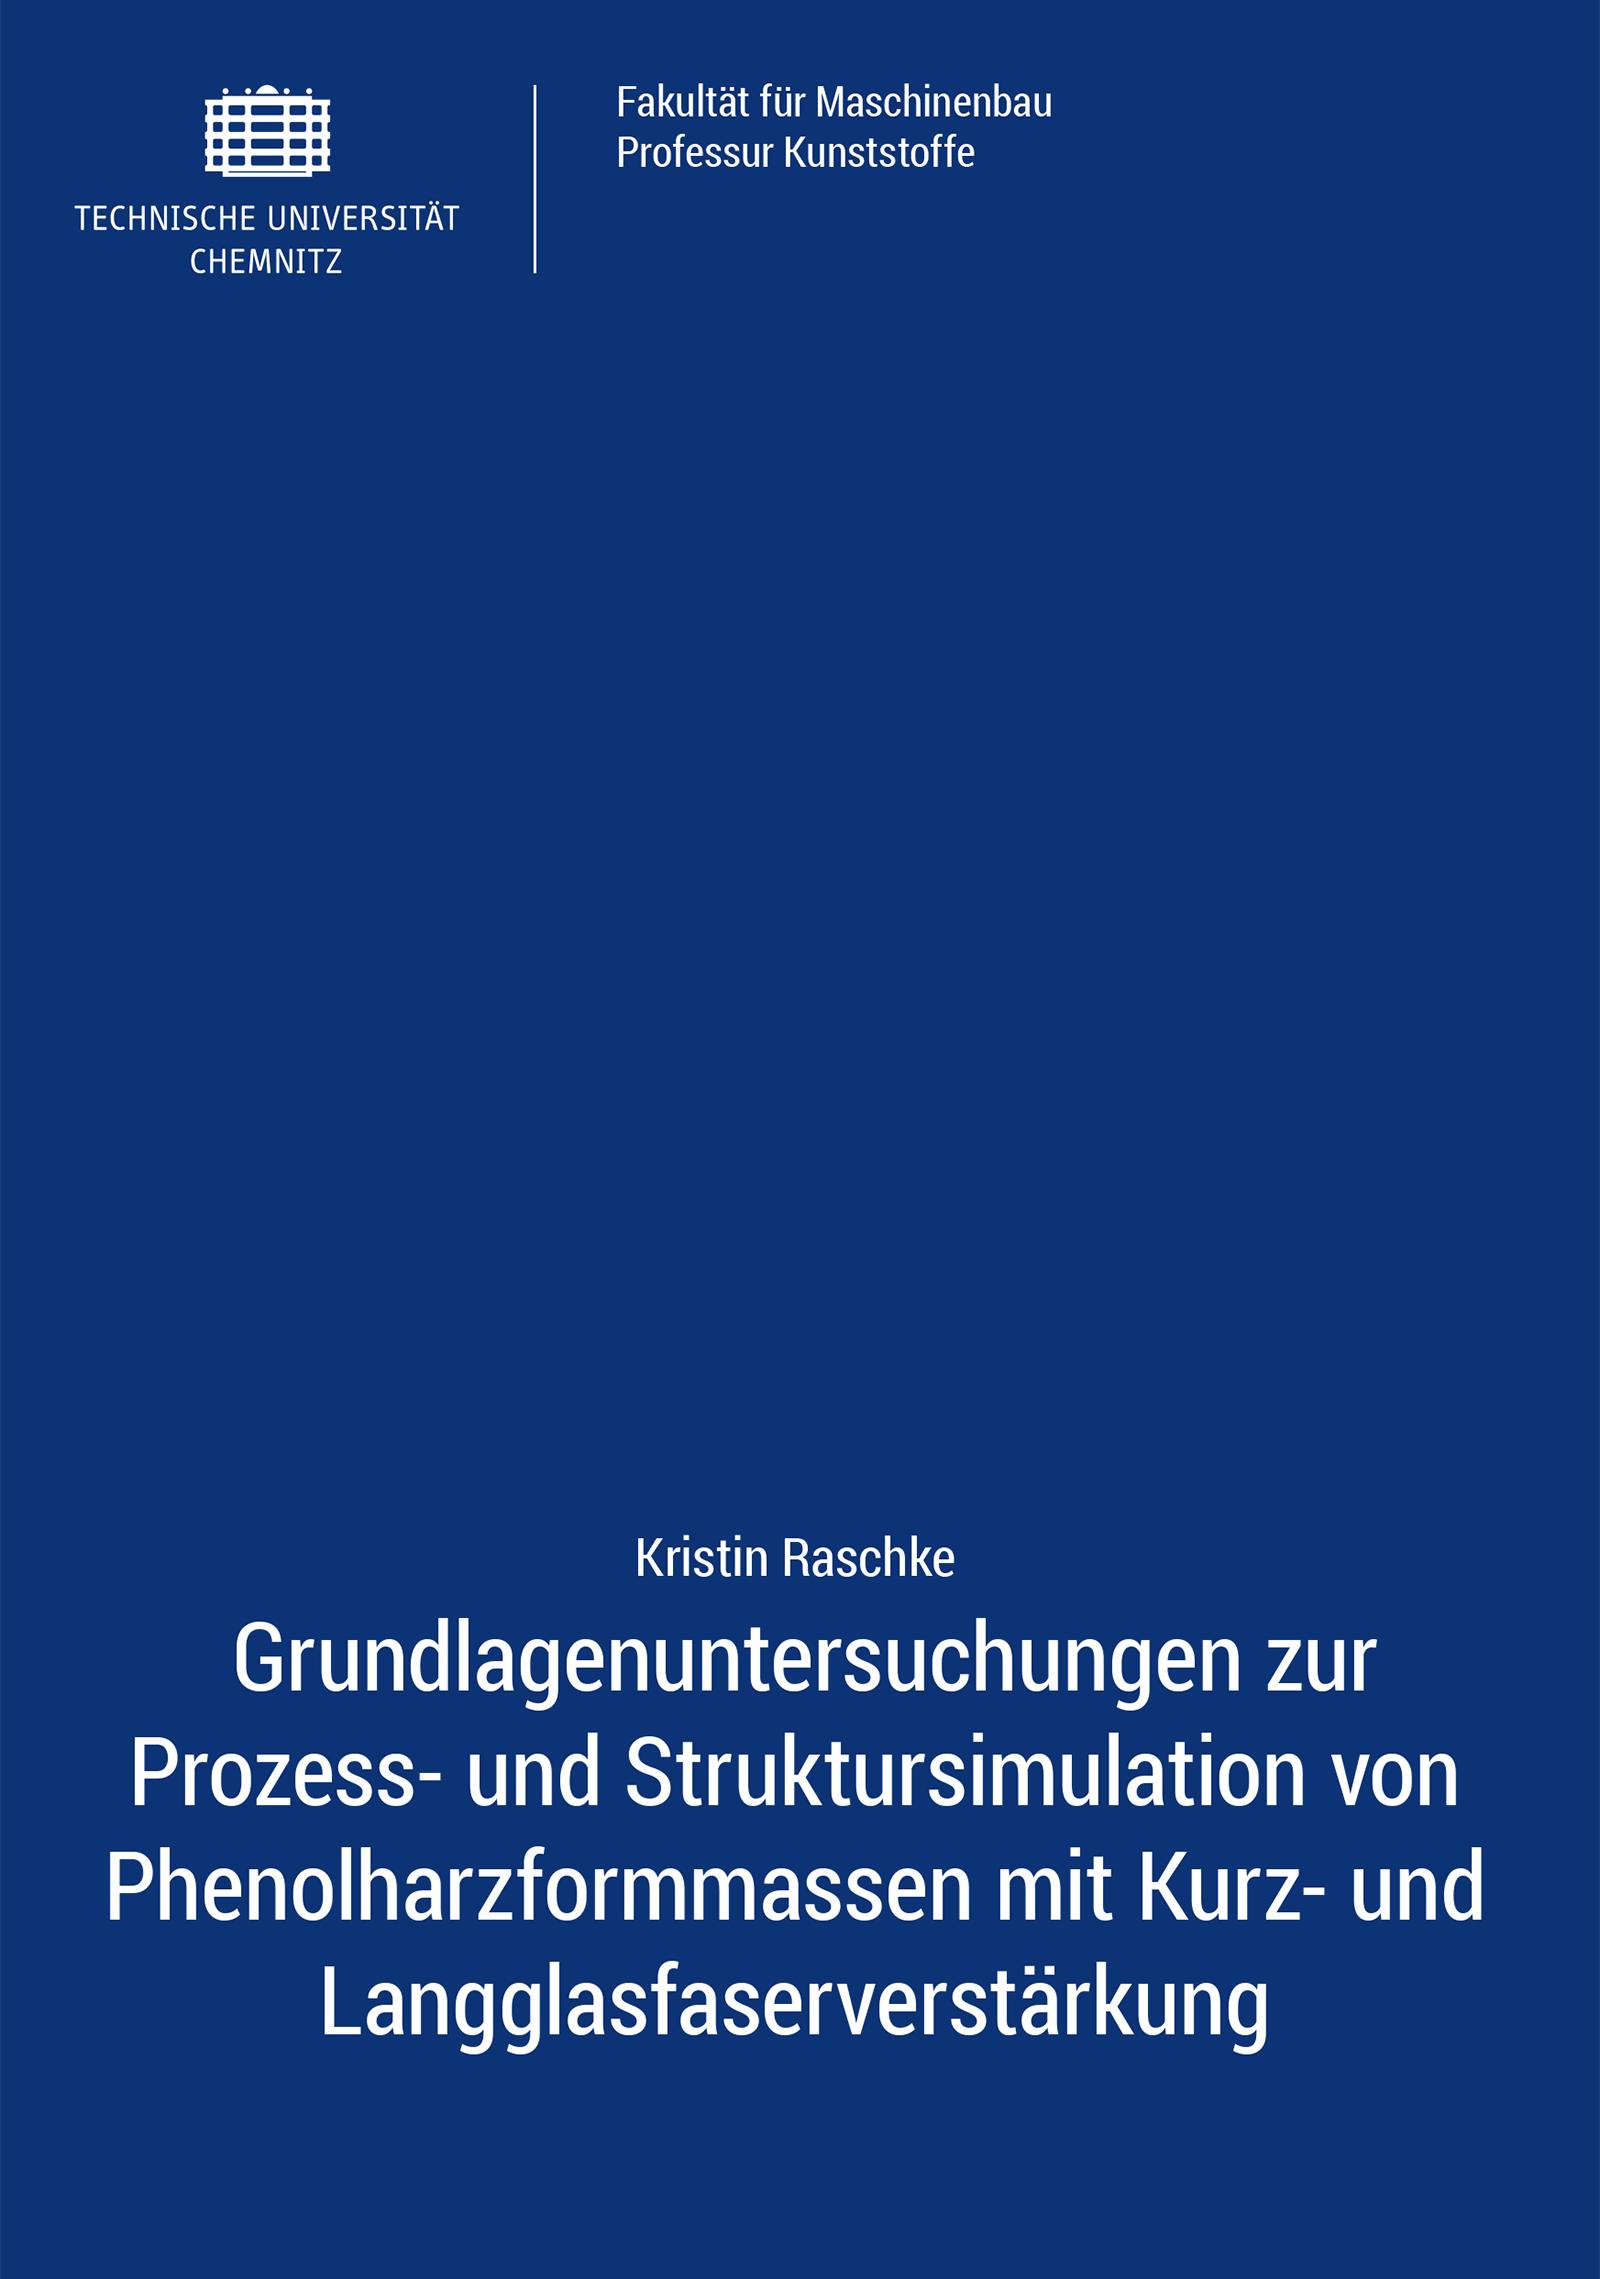 Cover: Grundlagenuntersuchungen zur Prozess- und Struktursimulation von Phenolharzformmassen mit Kurz- und Langglasfaserverstärkung